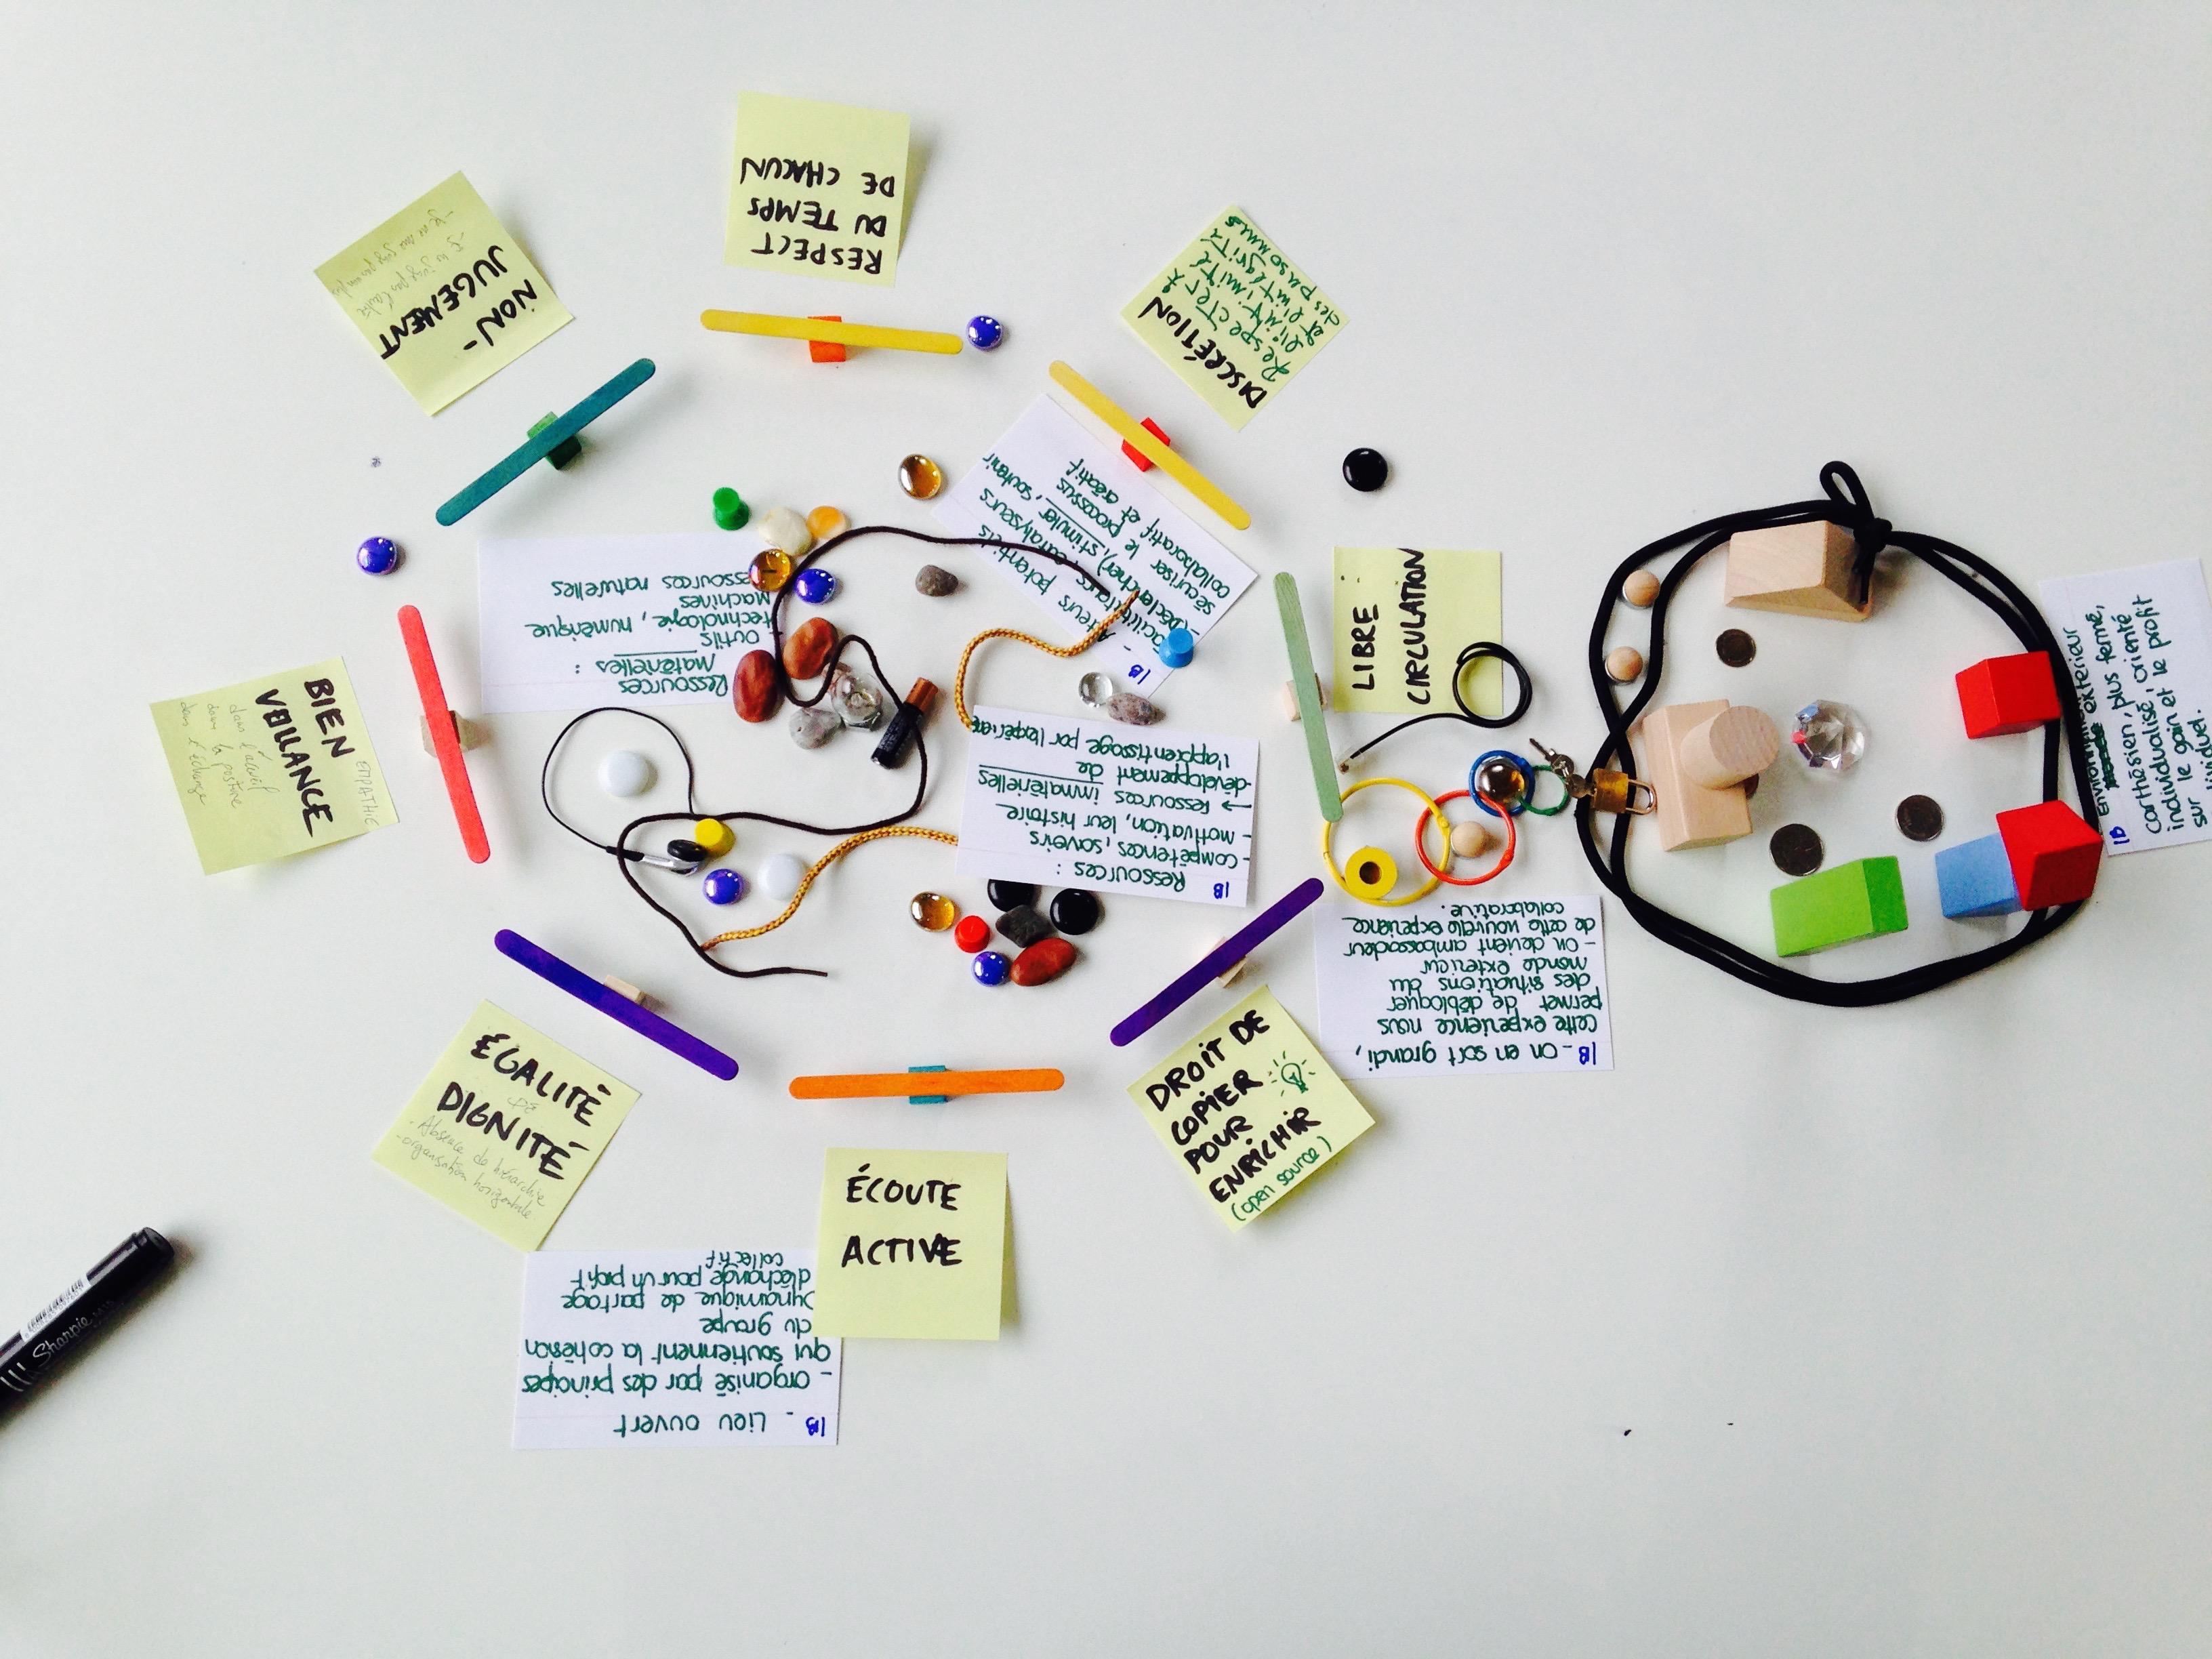 Le Design Thinking en bibliothèque et en français, un ...